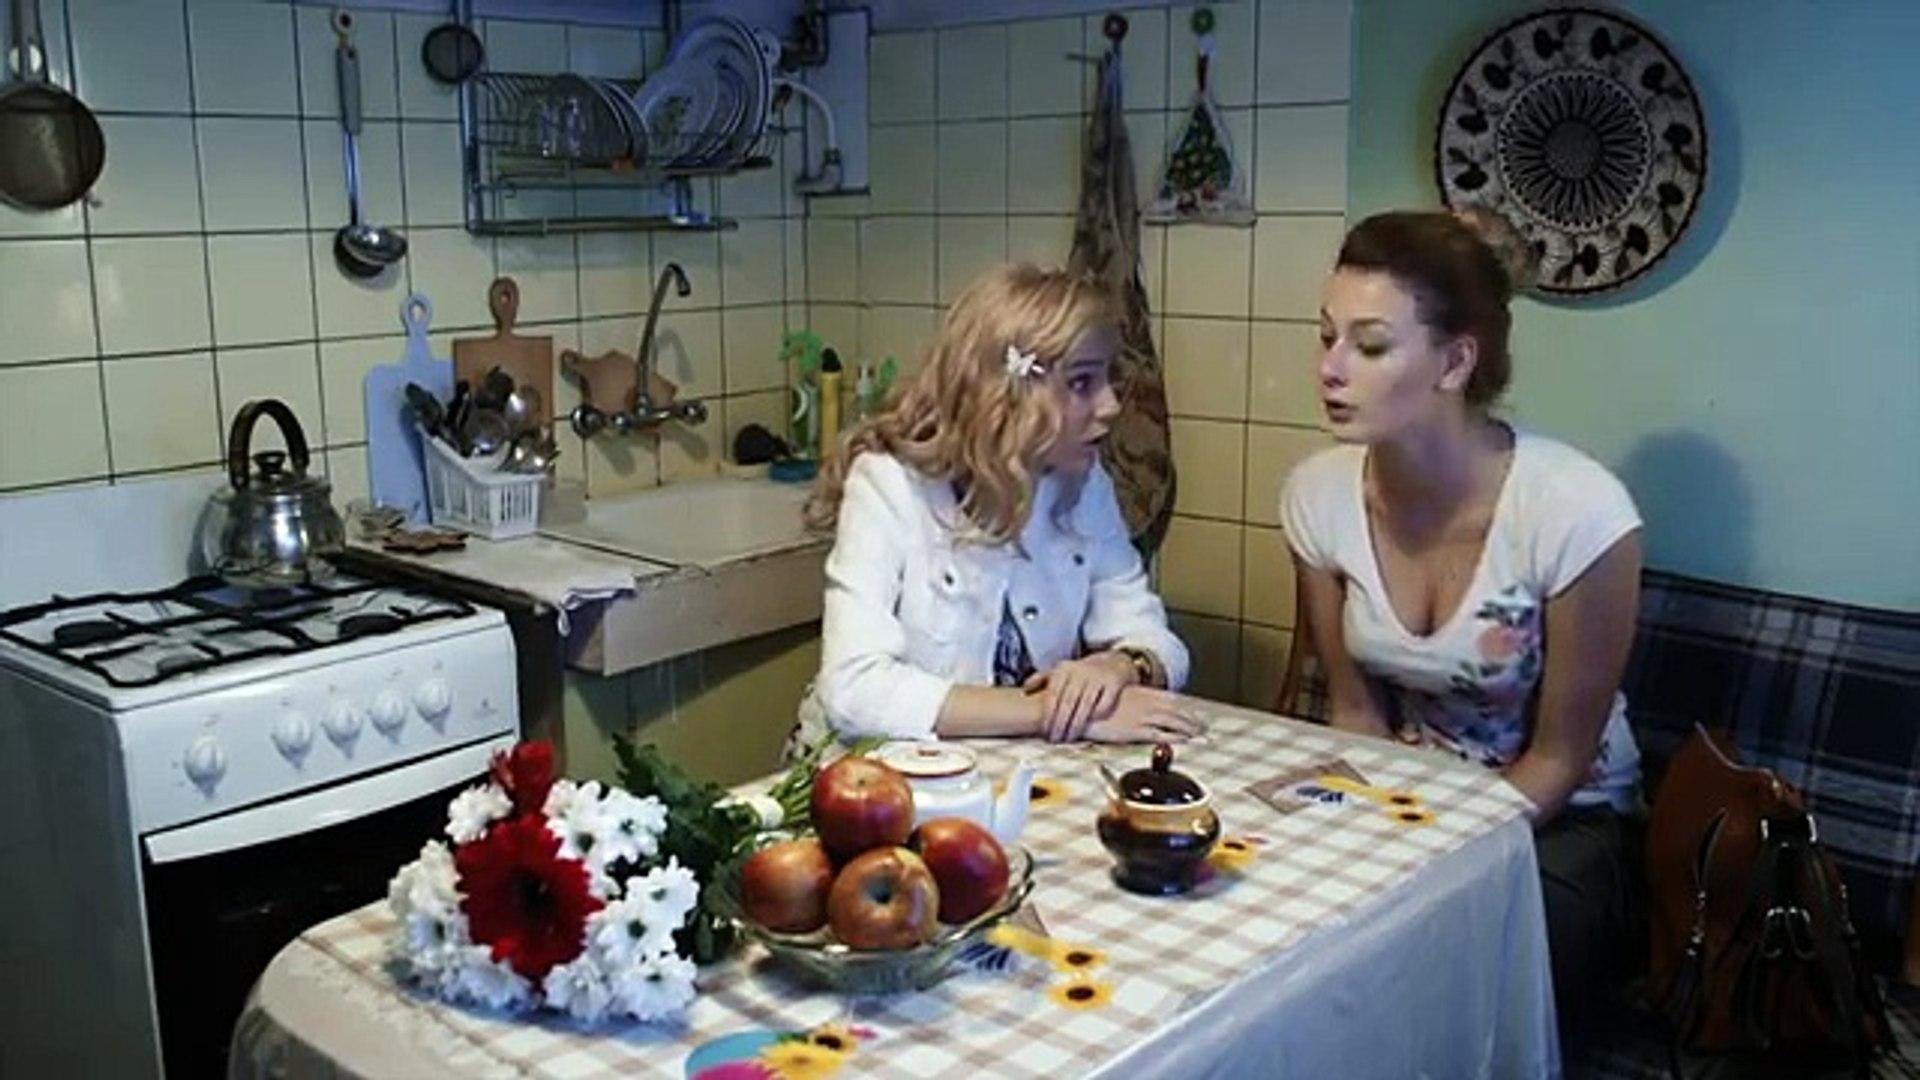 Миндальный привкус любви 2016 серия 3 русская мелодрама новинка смотреть онлайн бесплатно сериал